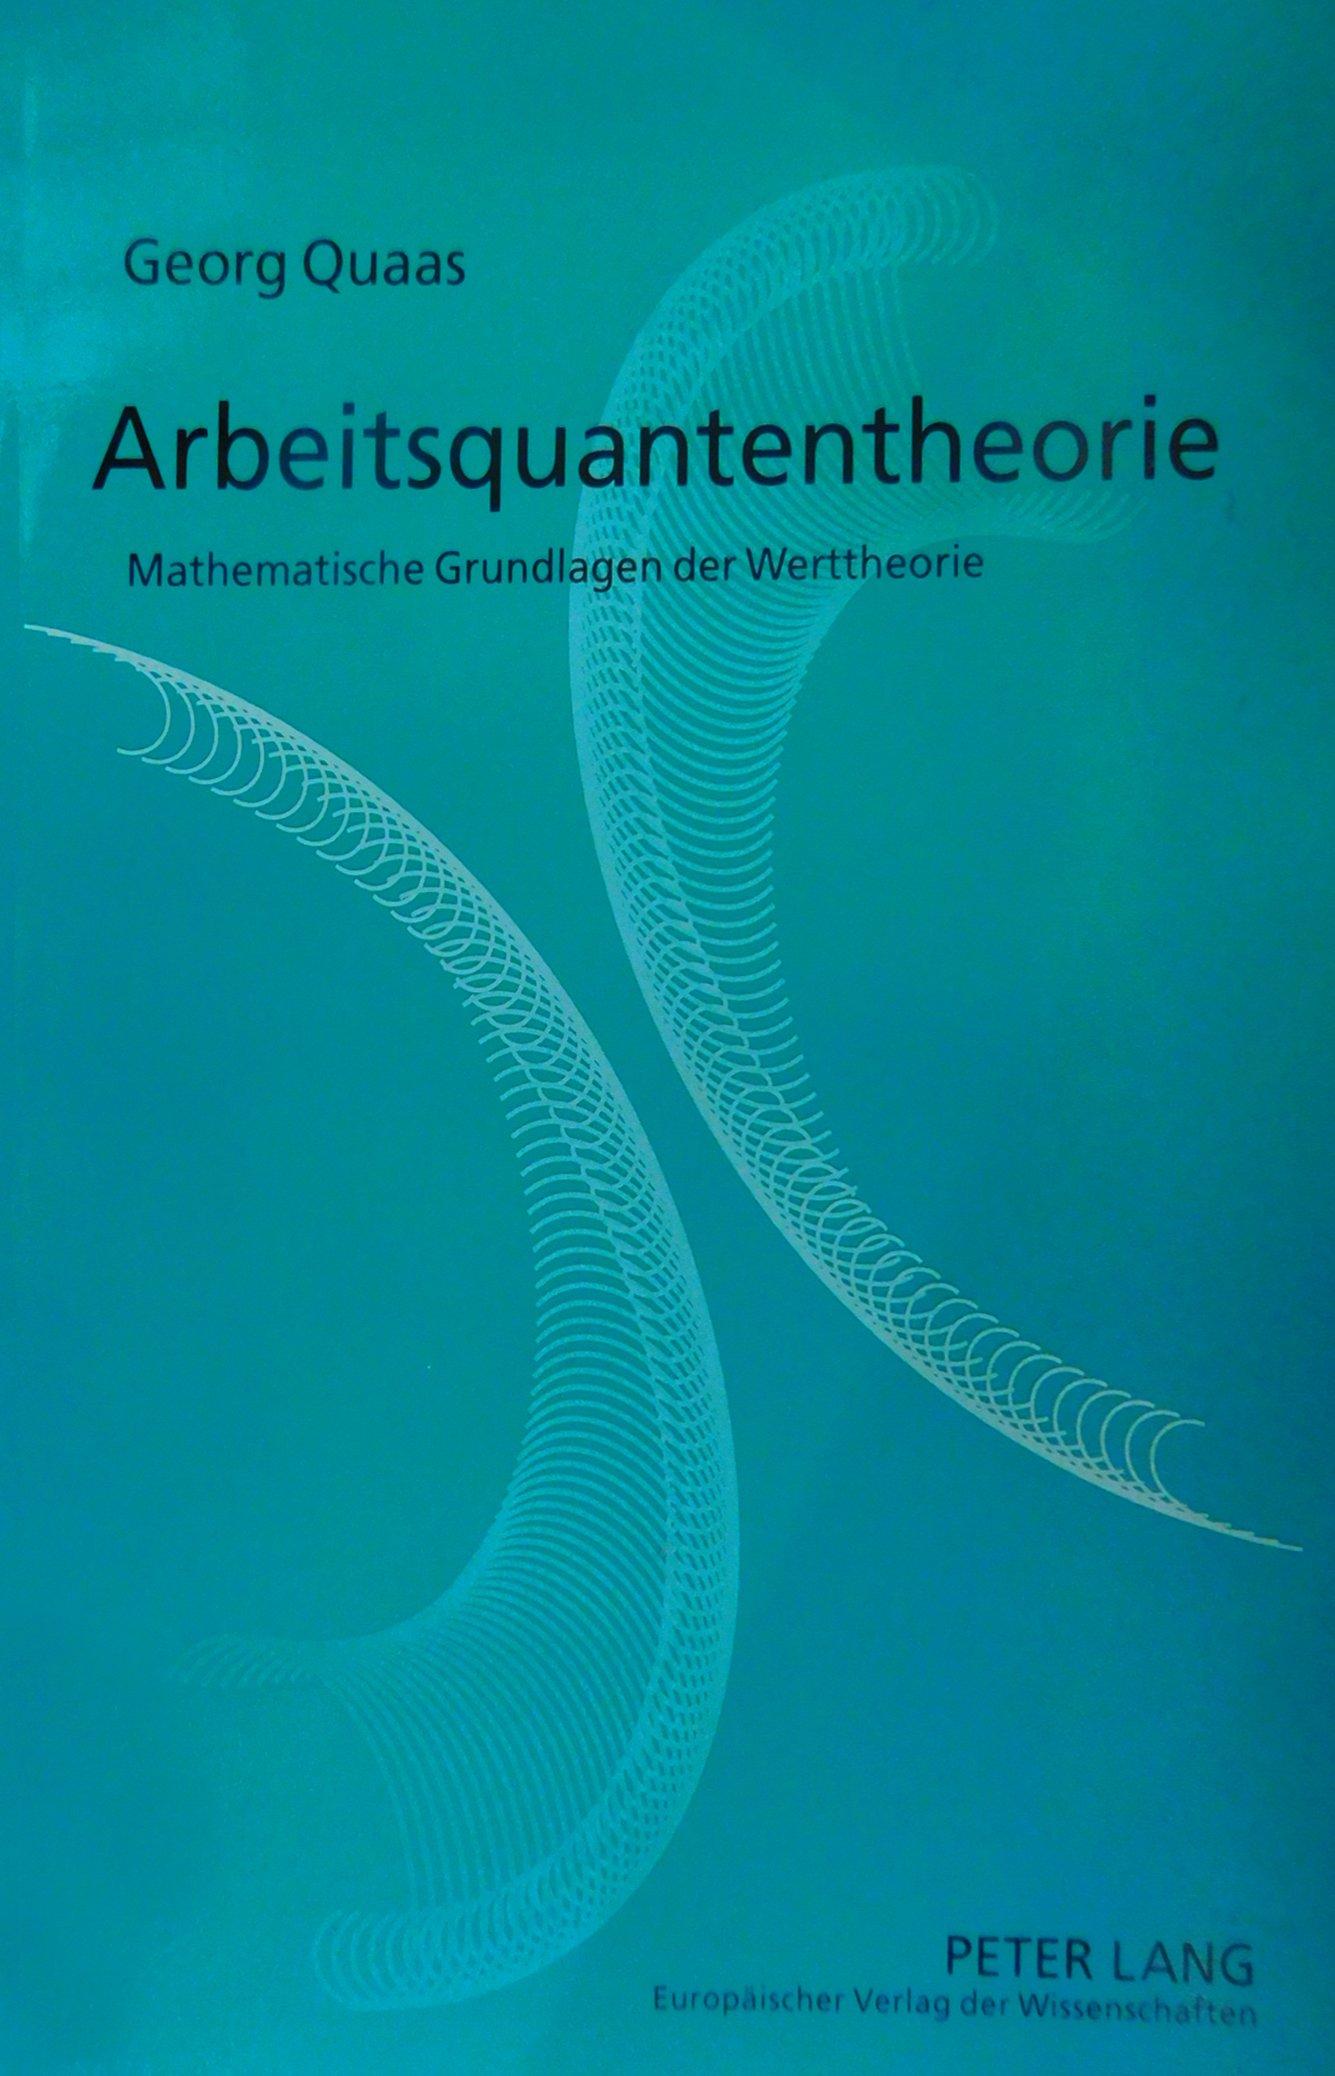 Arbeitsquantentheorie: Mathematische Grundlagen der Werttheorie Taschenbuch – 20. Februar 2001 Georg Quaas Peter Lang GmbH 3631375816 Volkswirtschaft